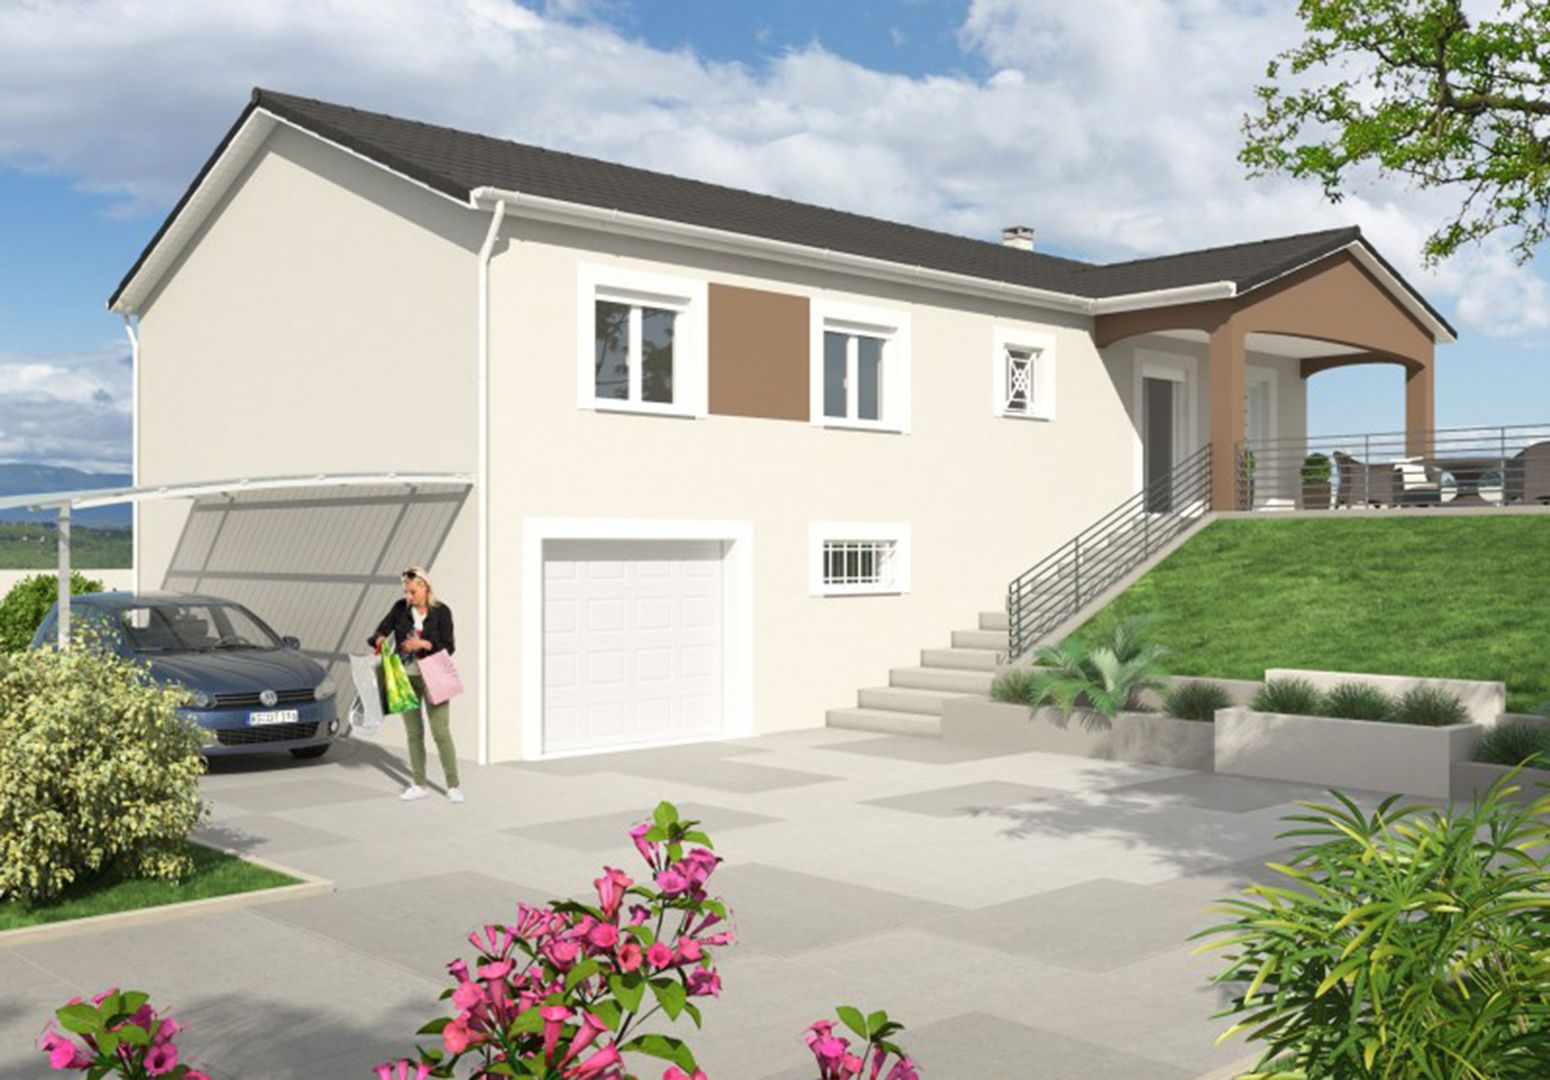 Maison 88.8 m² avec terrain à SAINTE-ANNE-SUR-GERVONDE (38) 1